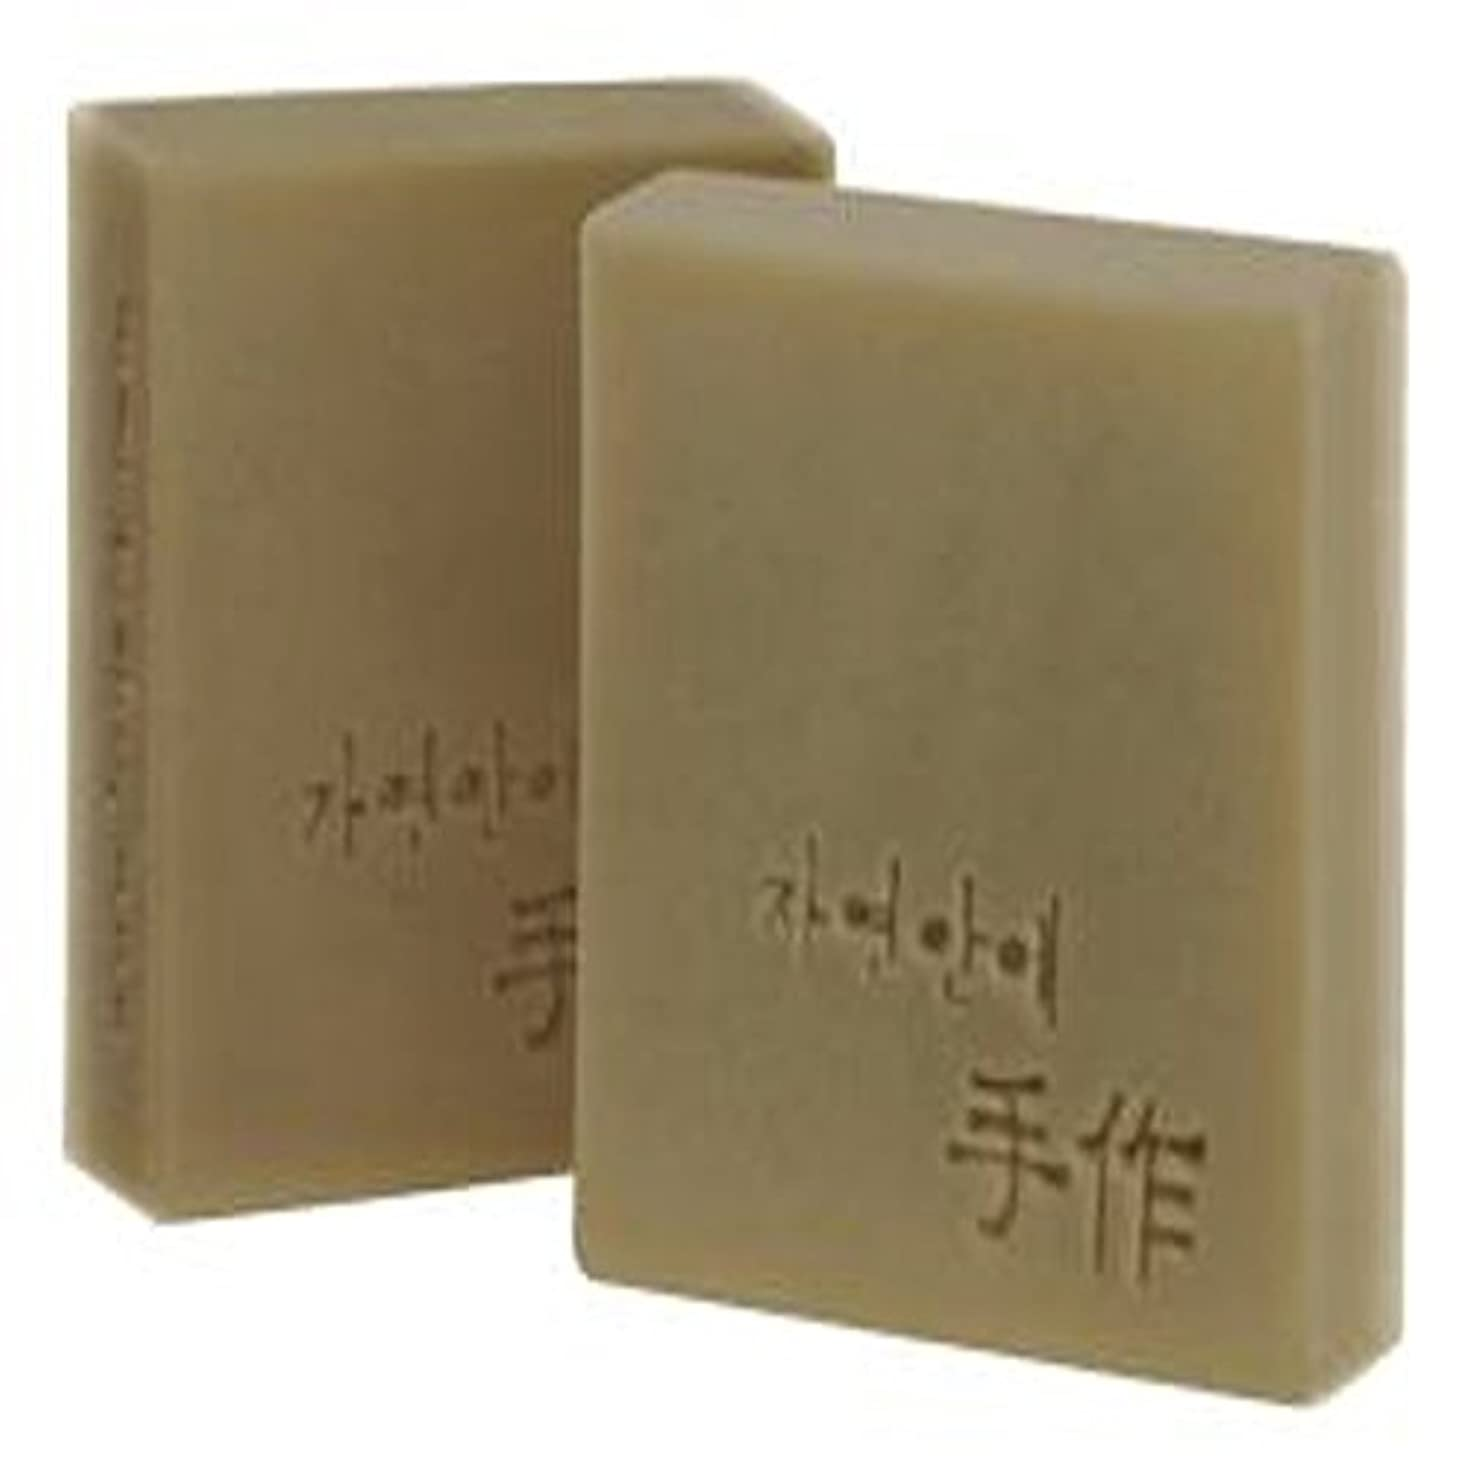 マウントバンク遠え滑るNatural organic 有機天然ソープ 固形 無添加 洗顔せっけんクレンジング 石鹸 [並行輸入品] (オートミール)